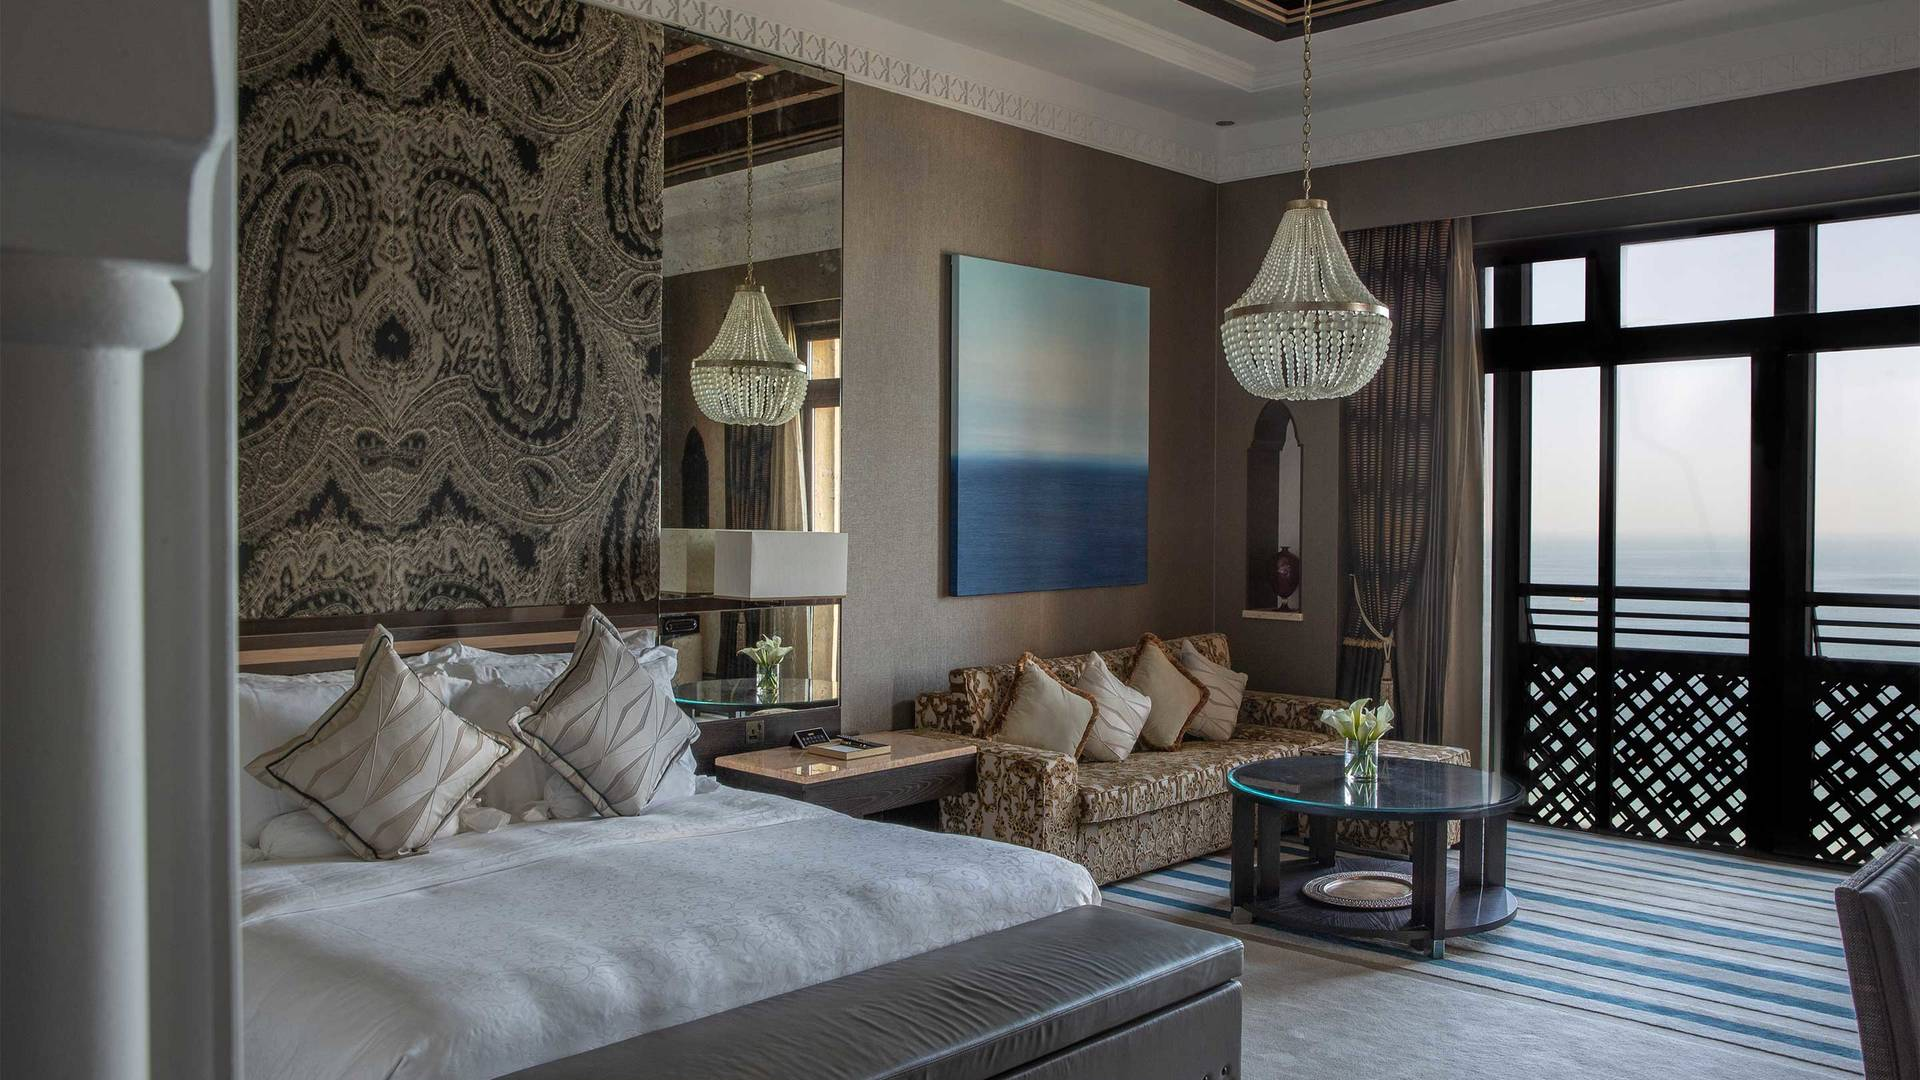 16-9_Jumeirah-Mina-A-Salam---Royal-Suite-Master-Bedroom-2